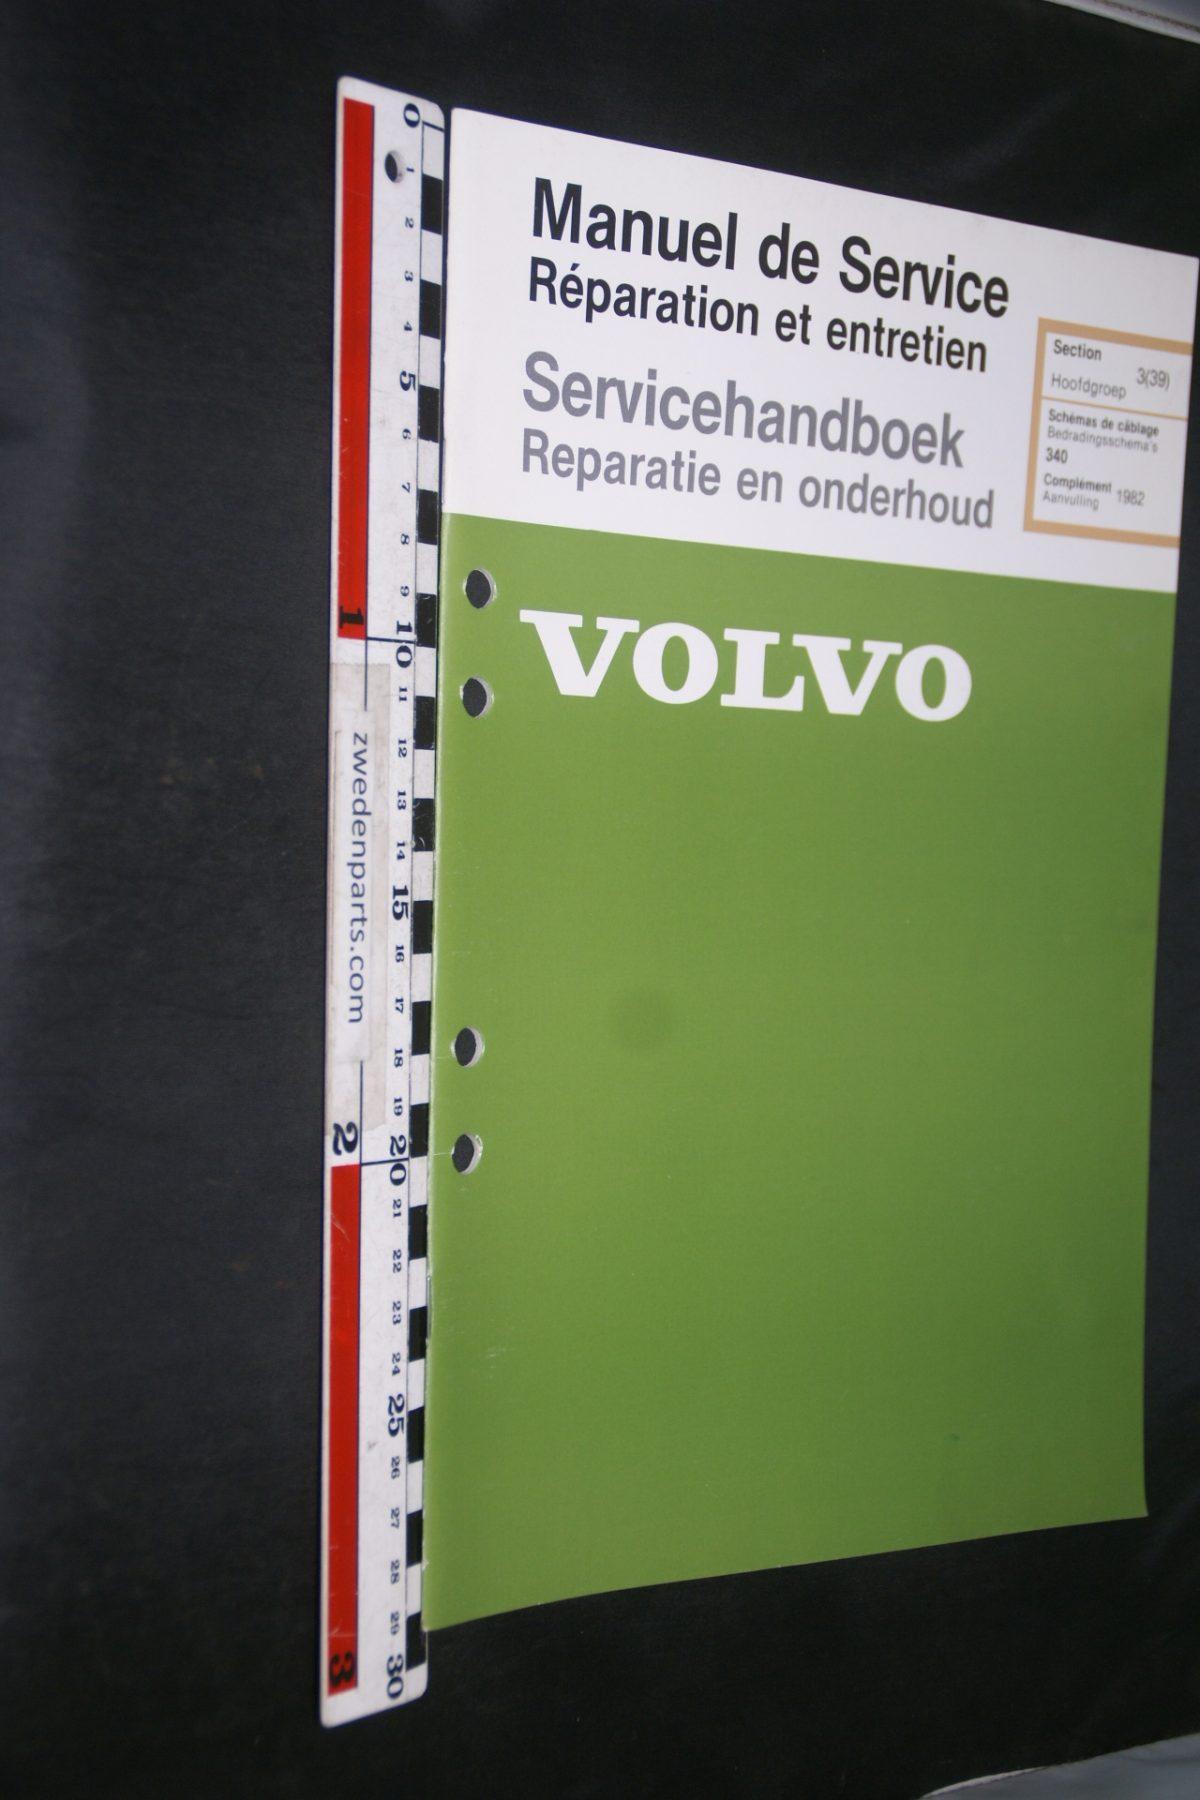 DSC06862 1981 origineel Volvo 340 servicehandboek 3(39) bedradingsschema 1 van 1500 TP 35096-1 Francais, Hollands